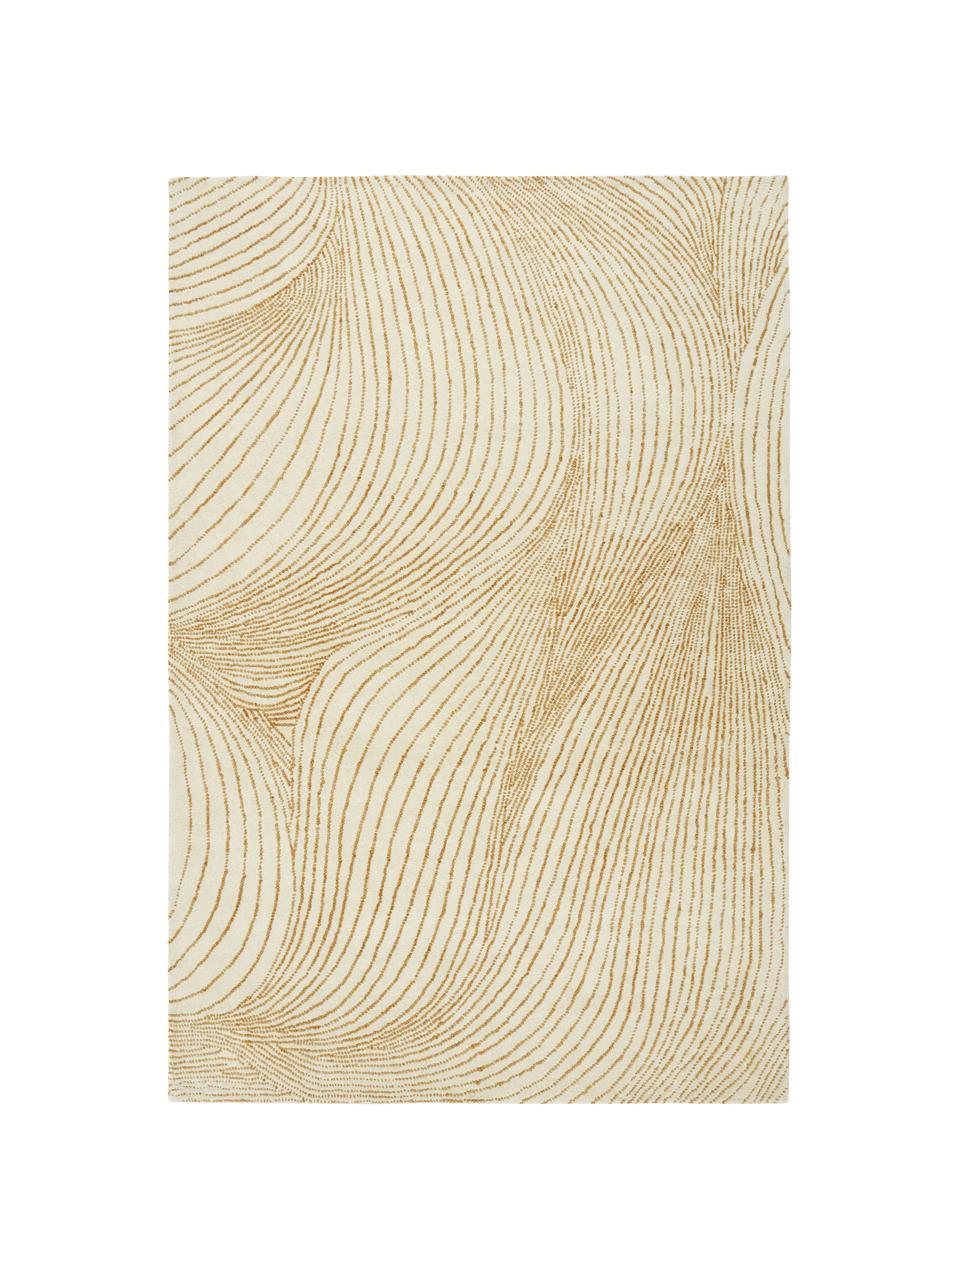 Tapis en laine tissé à la main Waverly, Beige, blanc